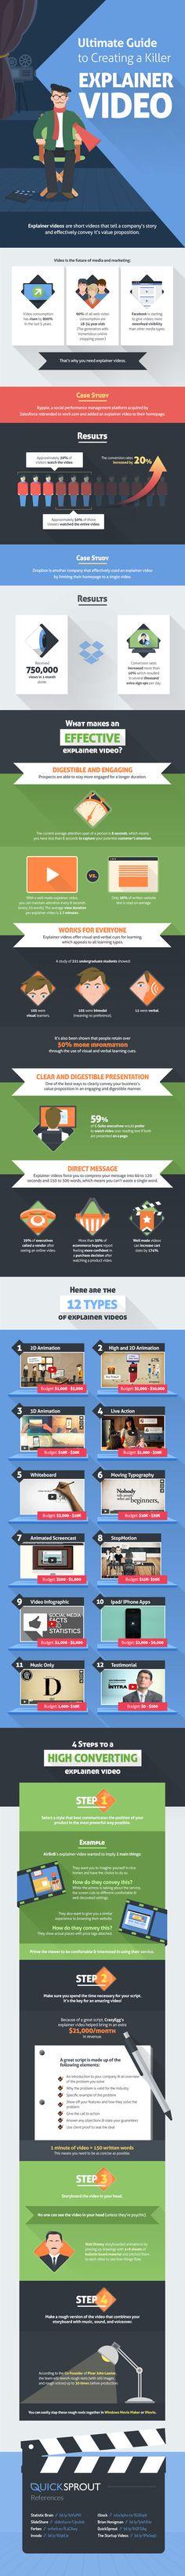 Hoe maak je een goede uitleg video? #SMM